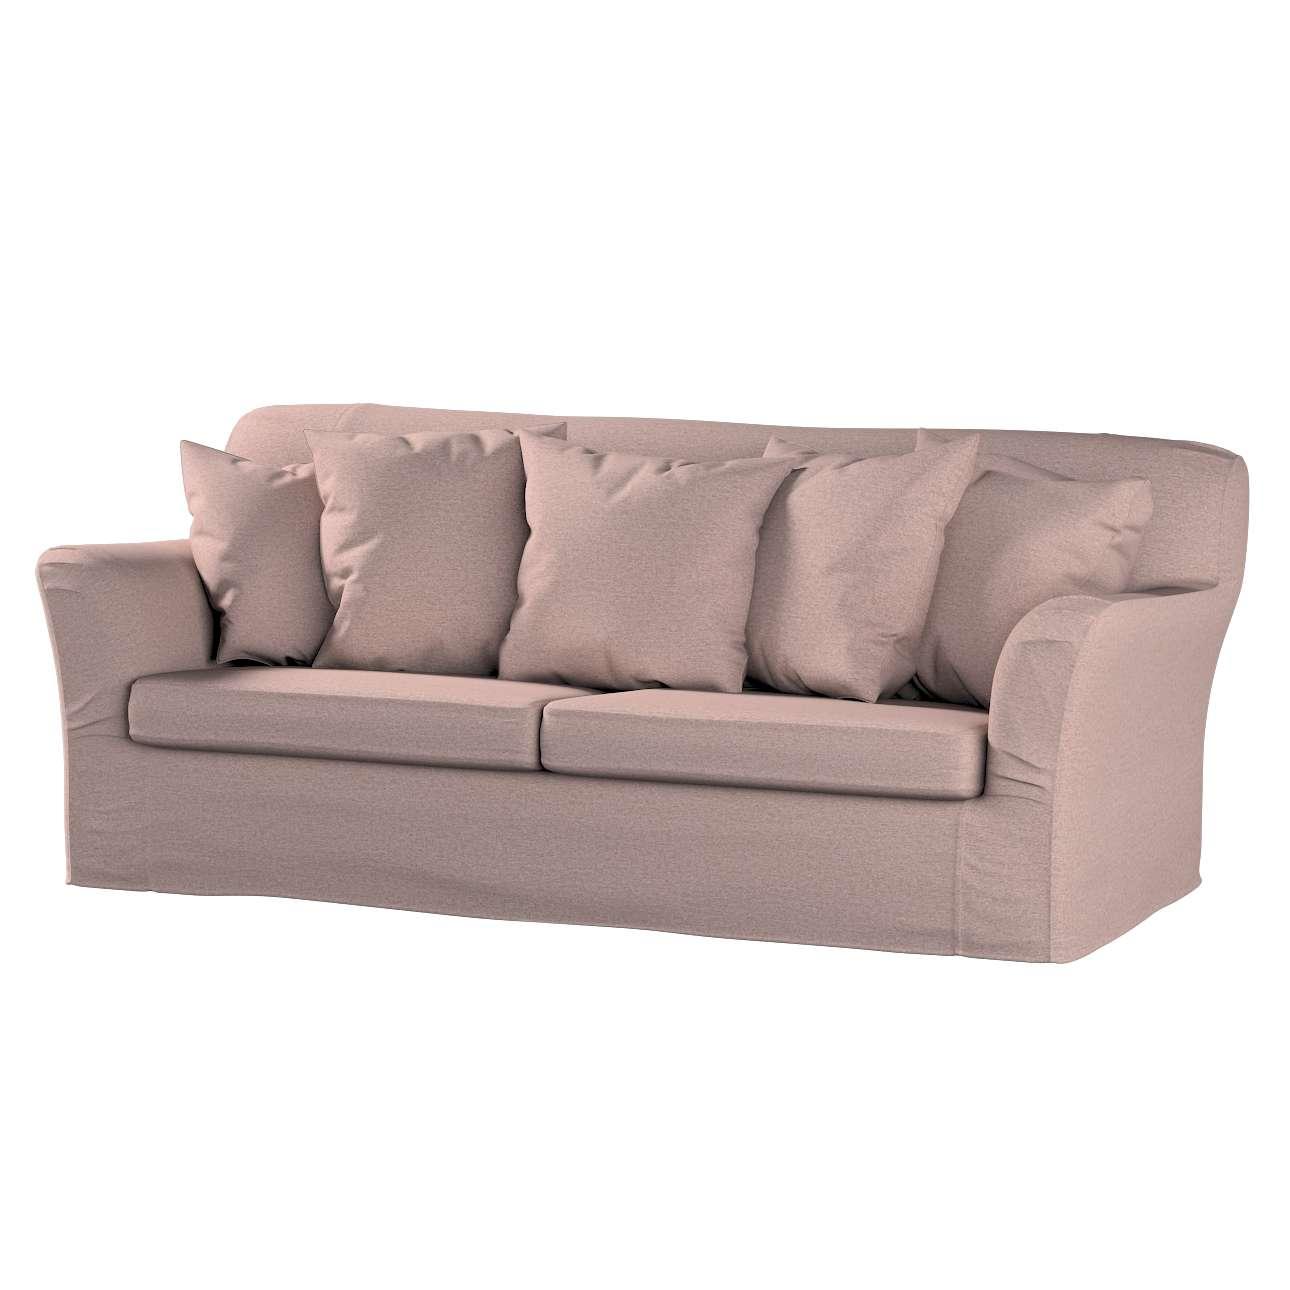 Pokrowiec na sofę Tomelilla 3-osobową rozkładaną w kolekcji Madrid, tkanina: 161-88